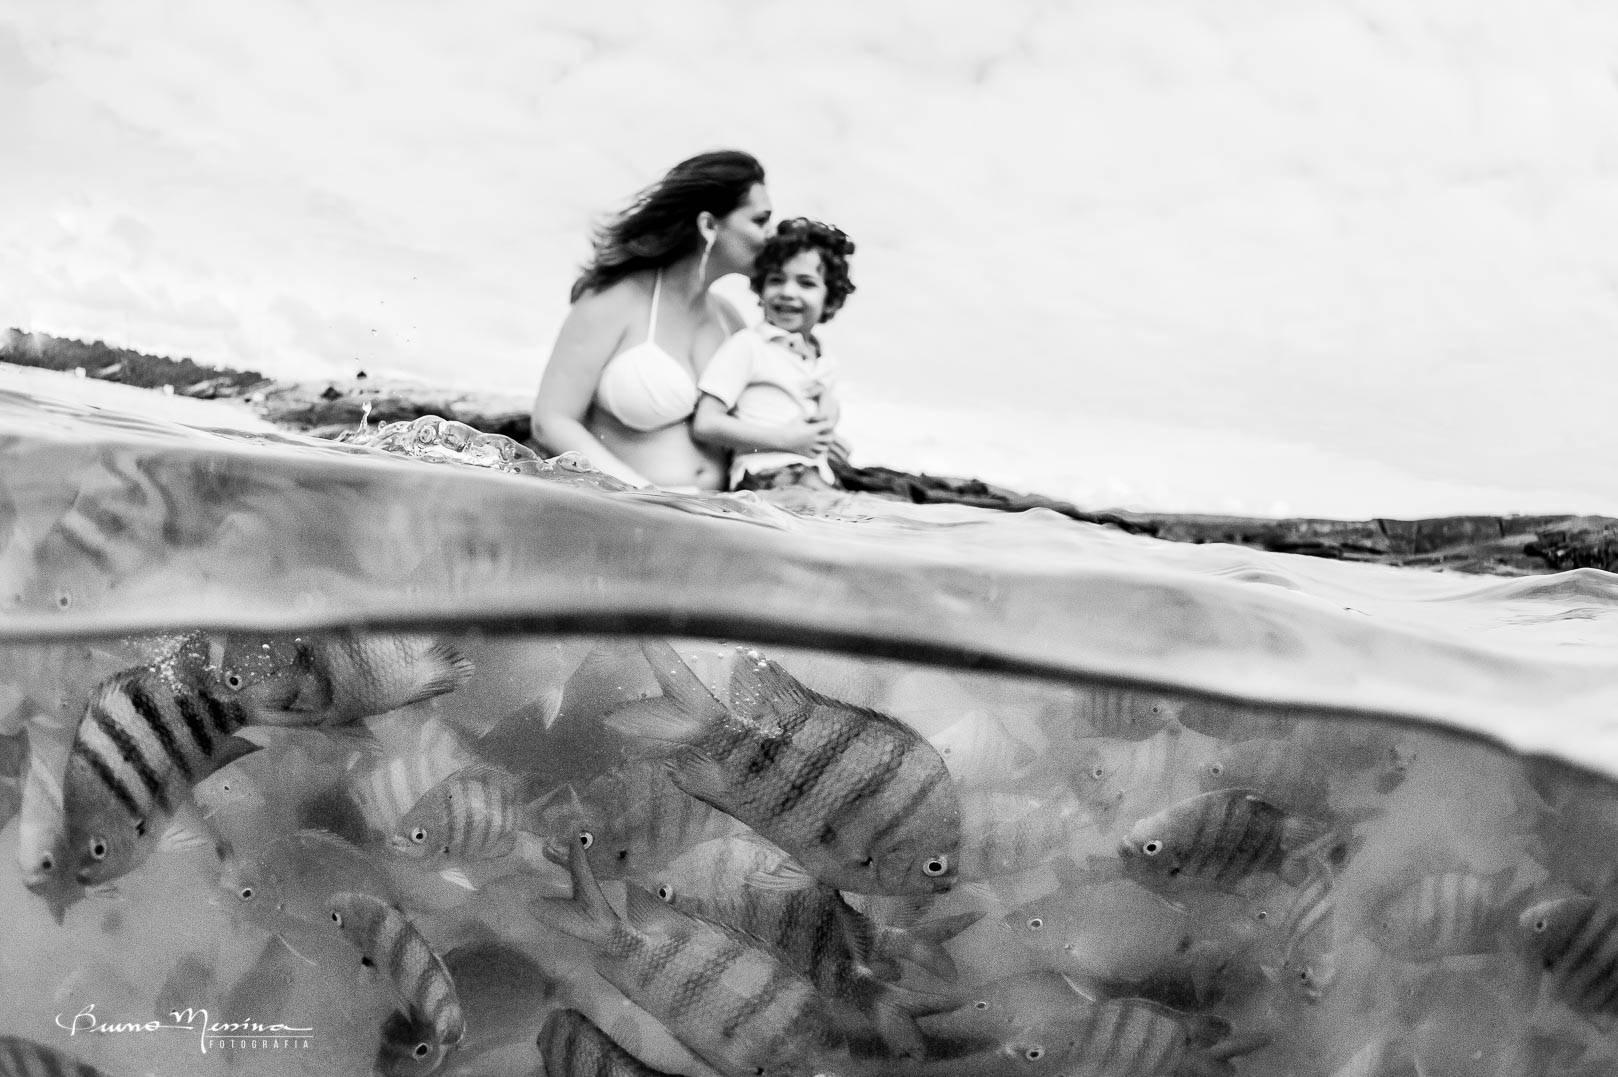 ensaio fotografico em Bombinhas - fotógrafo de ensaios gestante - sessão de fotos gestante - fotografia para gestante